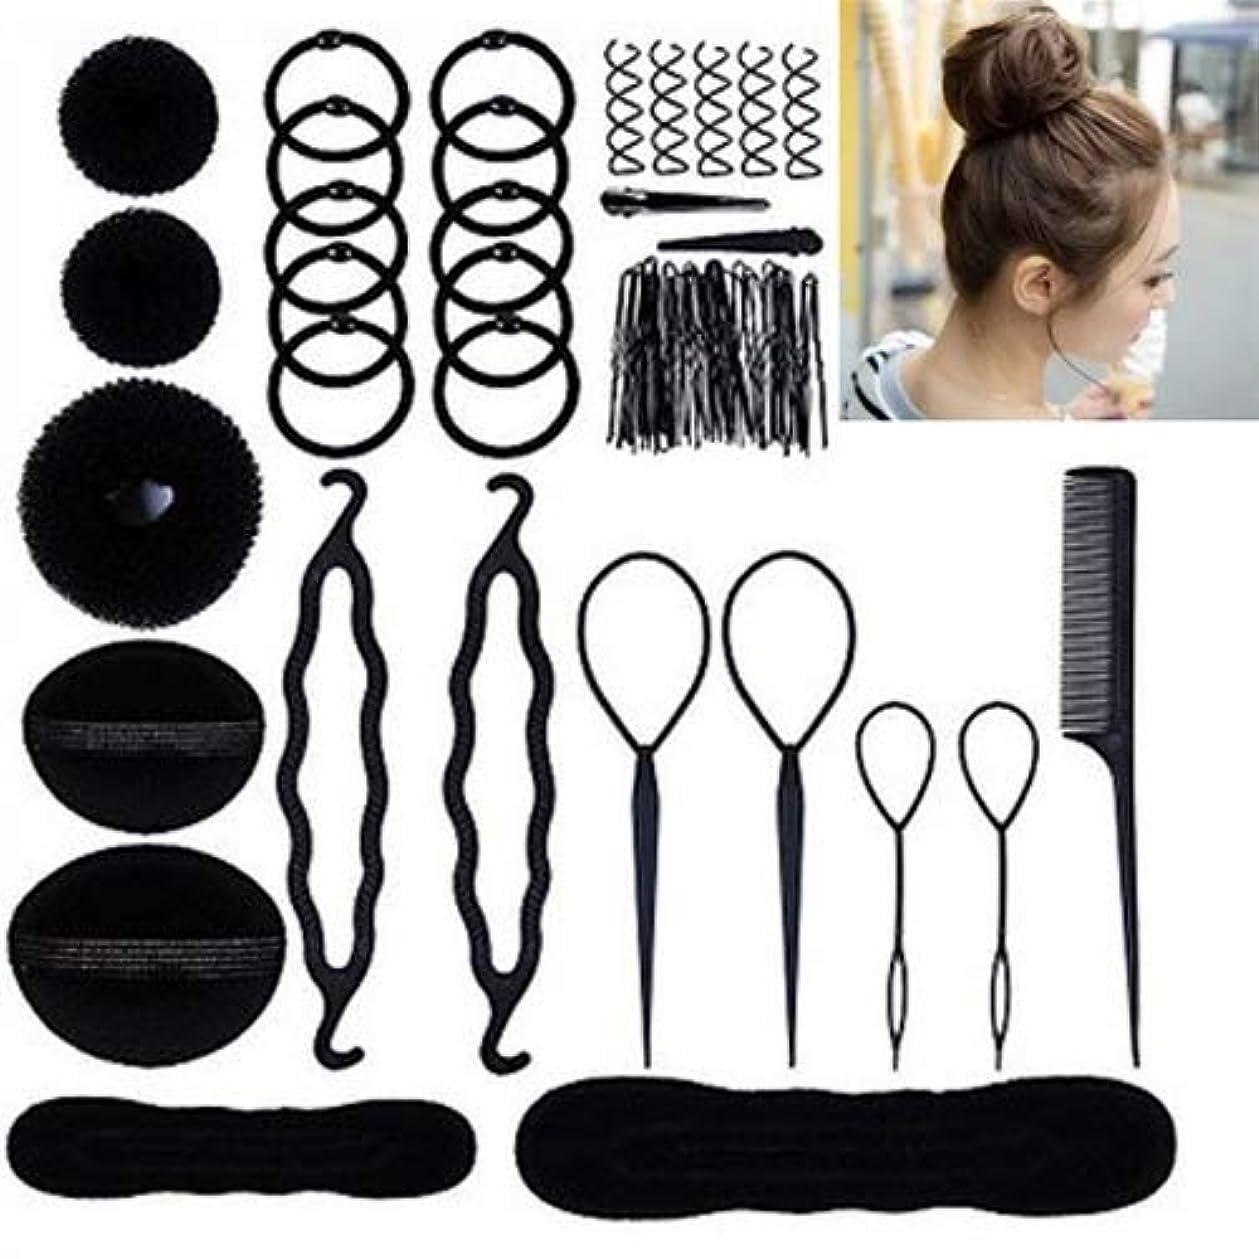 適応的の面では泥沼WTYD 美容ヘアツール 新しい71ヘアアクセサリーセットヘアツール